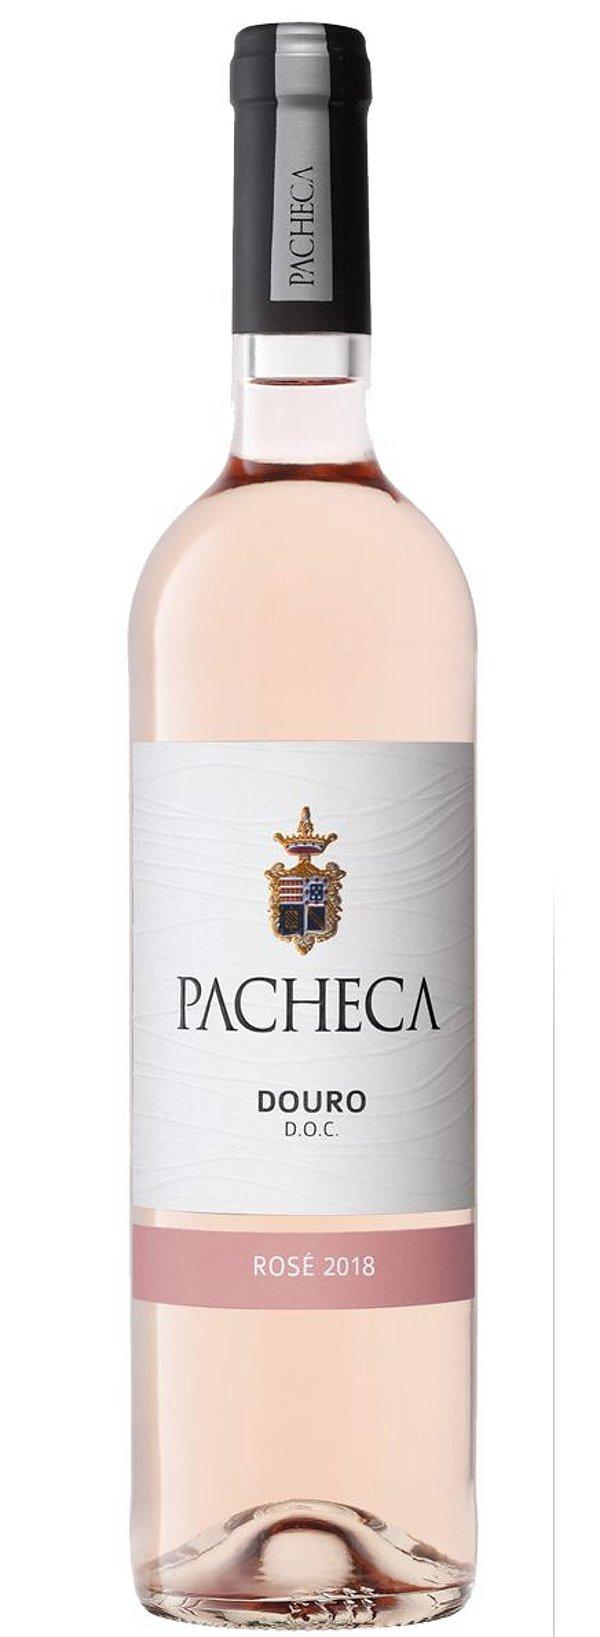 PACHECA DOURO DOC VINHO PORTUGUES ROSE 750ml